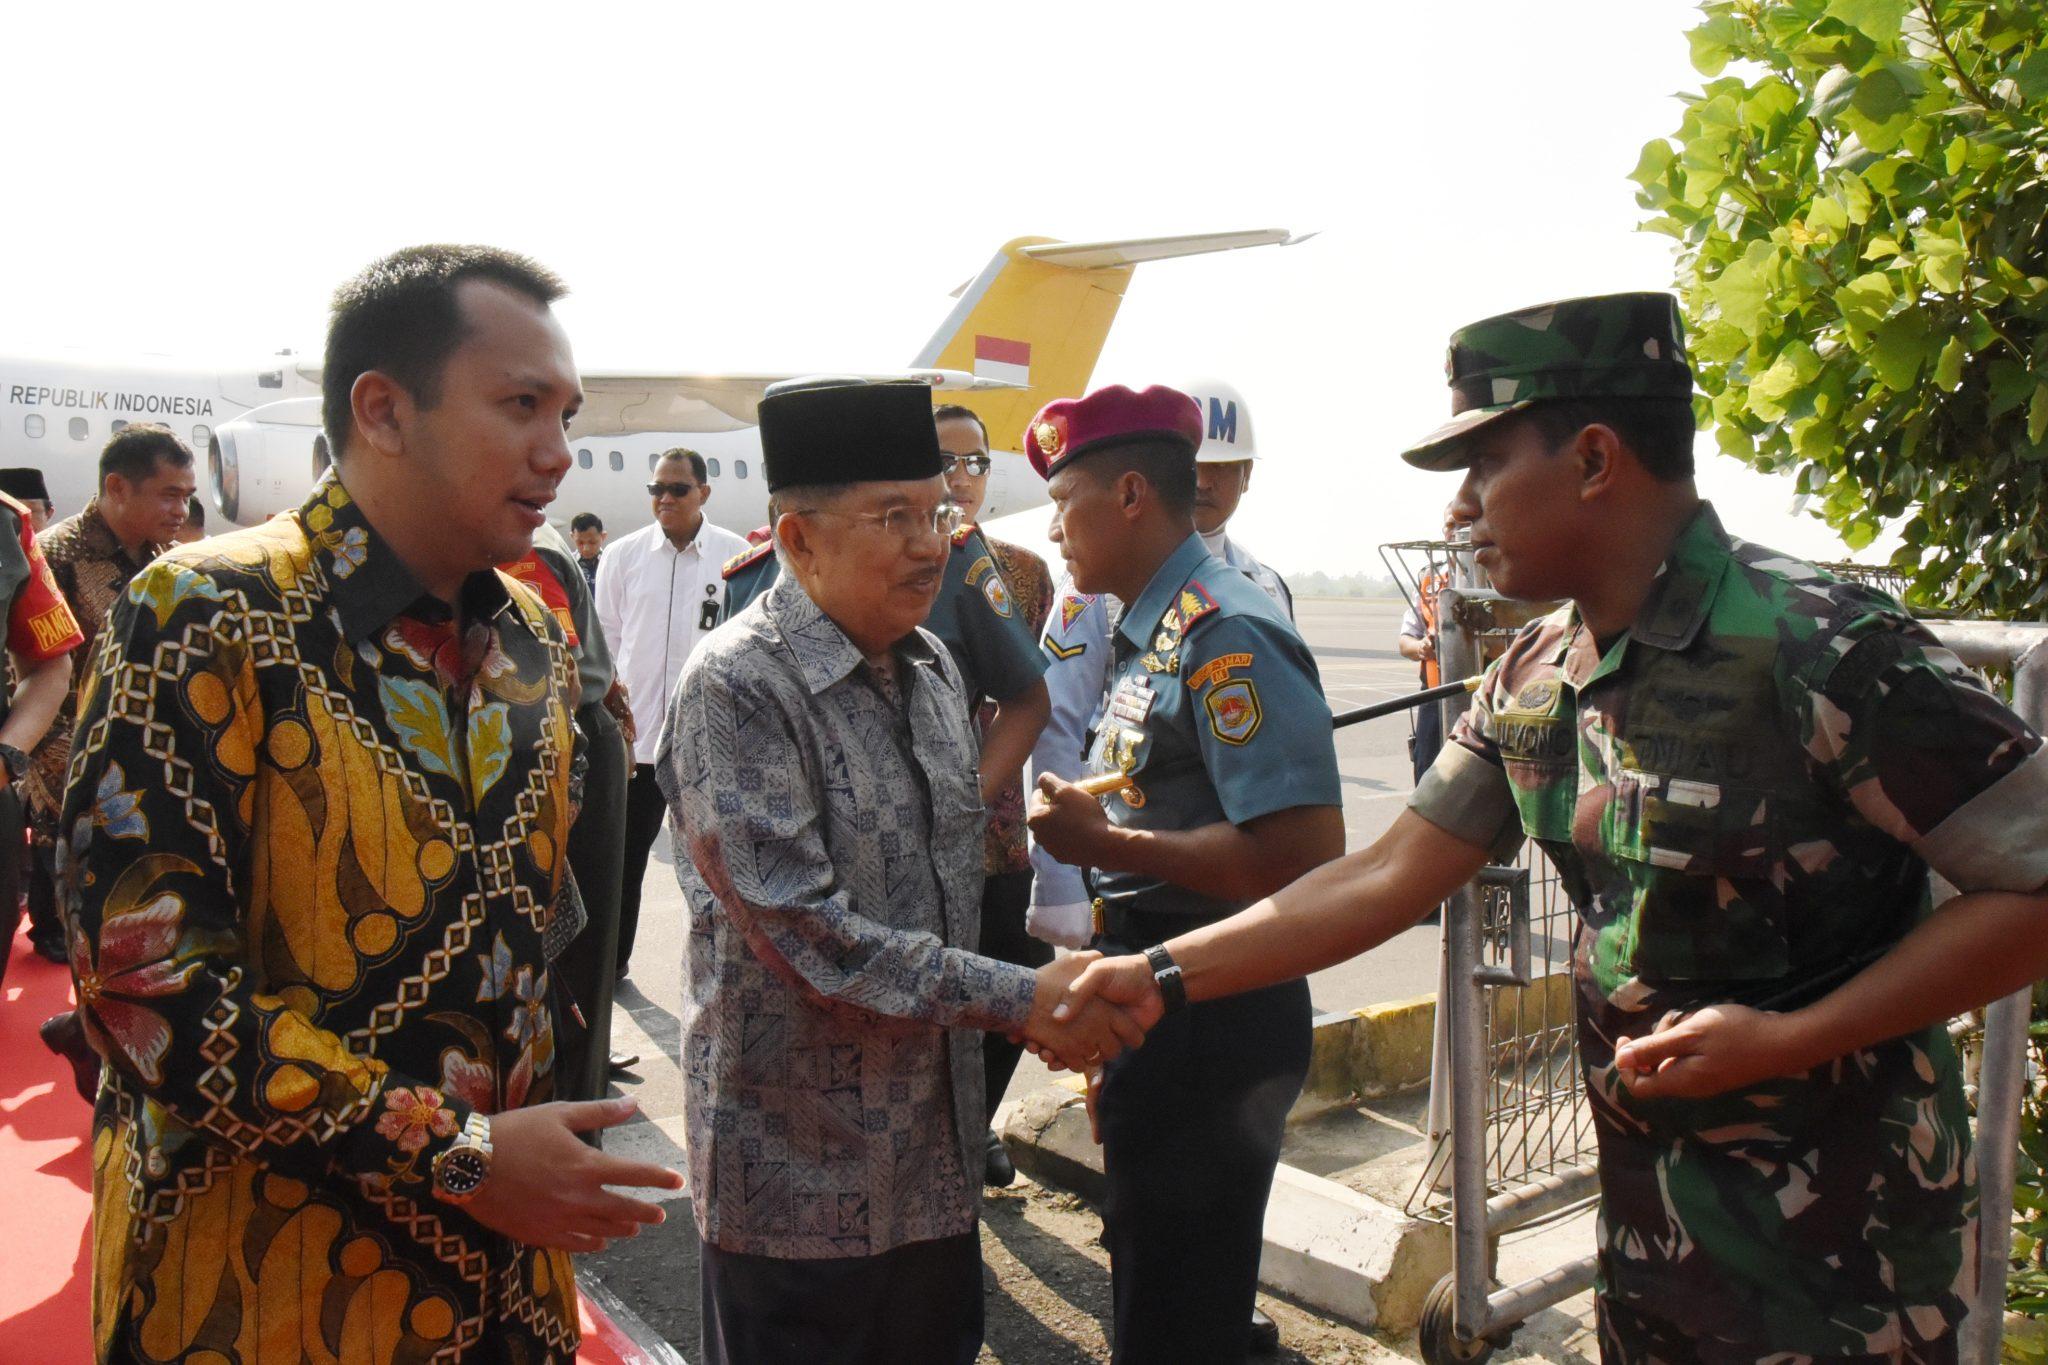 Danlanud Pangeran M. Bun Yamin Sambut Kedatangan Wapres RI ke Provinsi Lampung